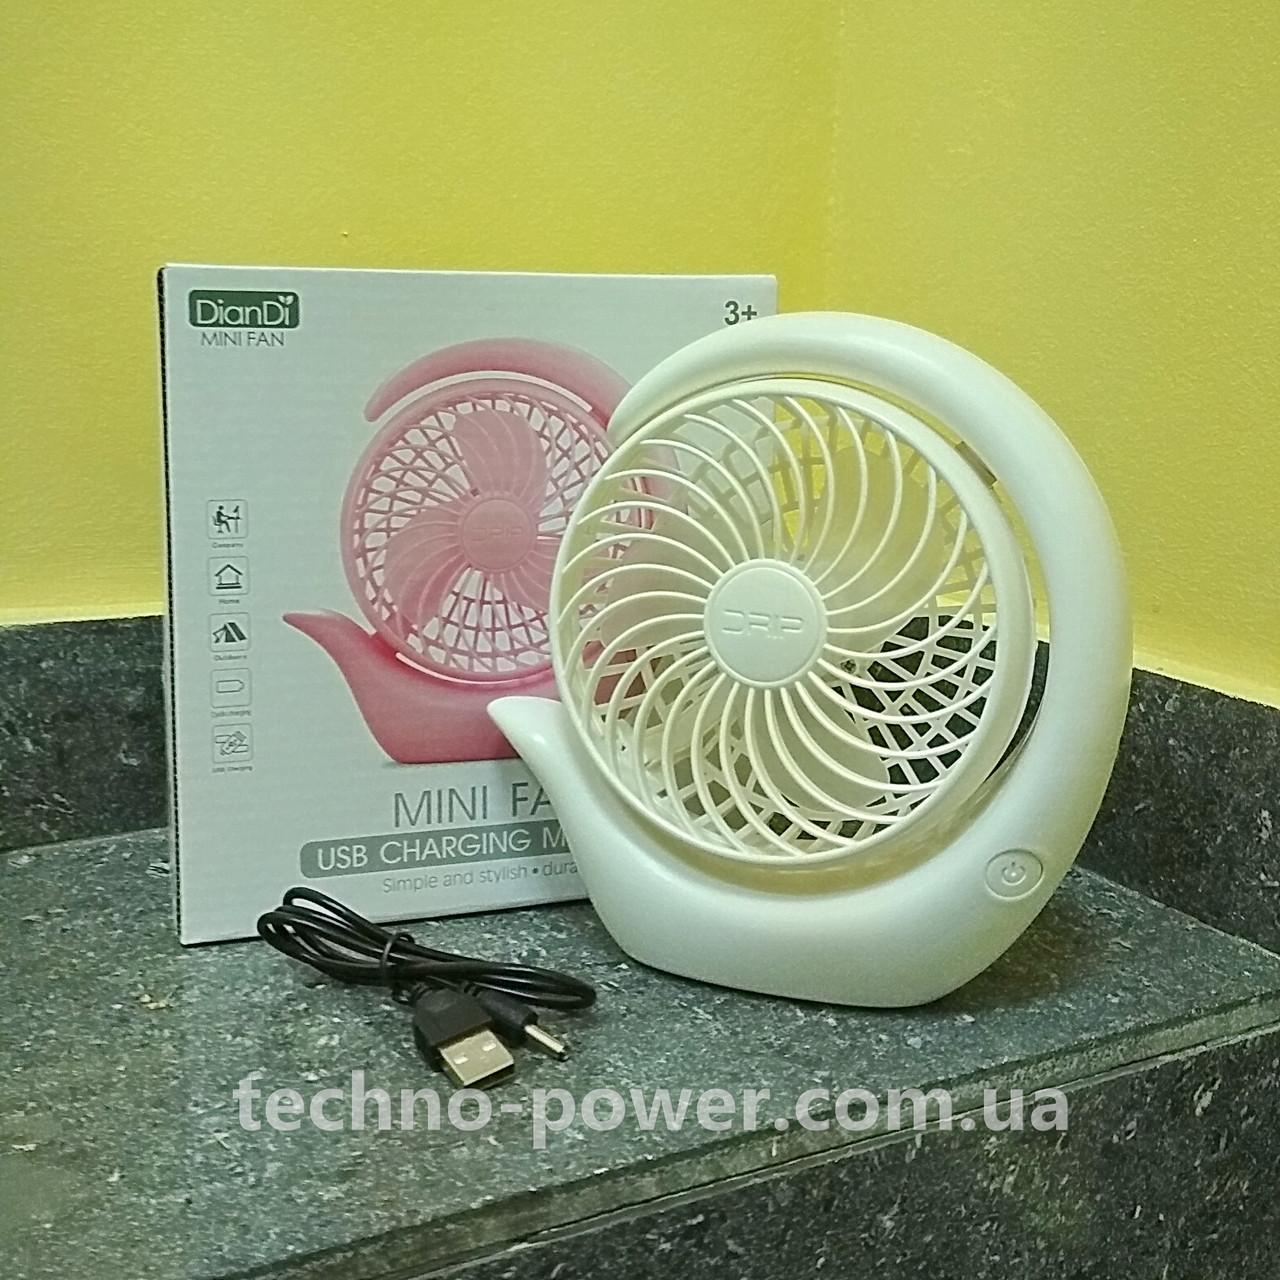 Вентилятор портативный DianDi Circle настольный. Вентилятор аккумуляторный 2 скорости